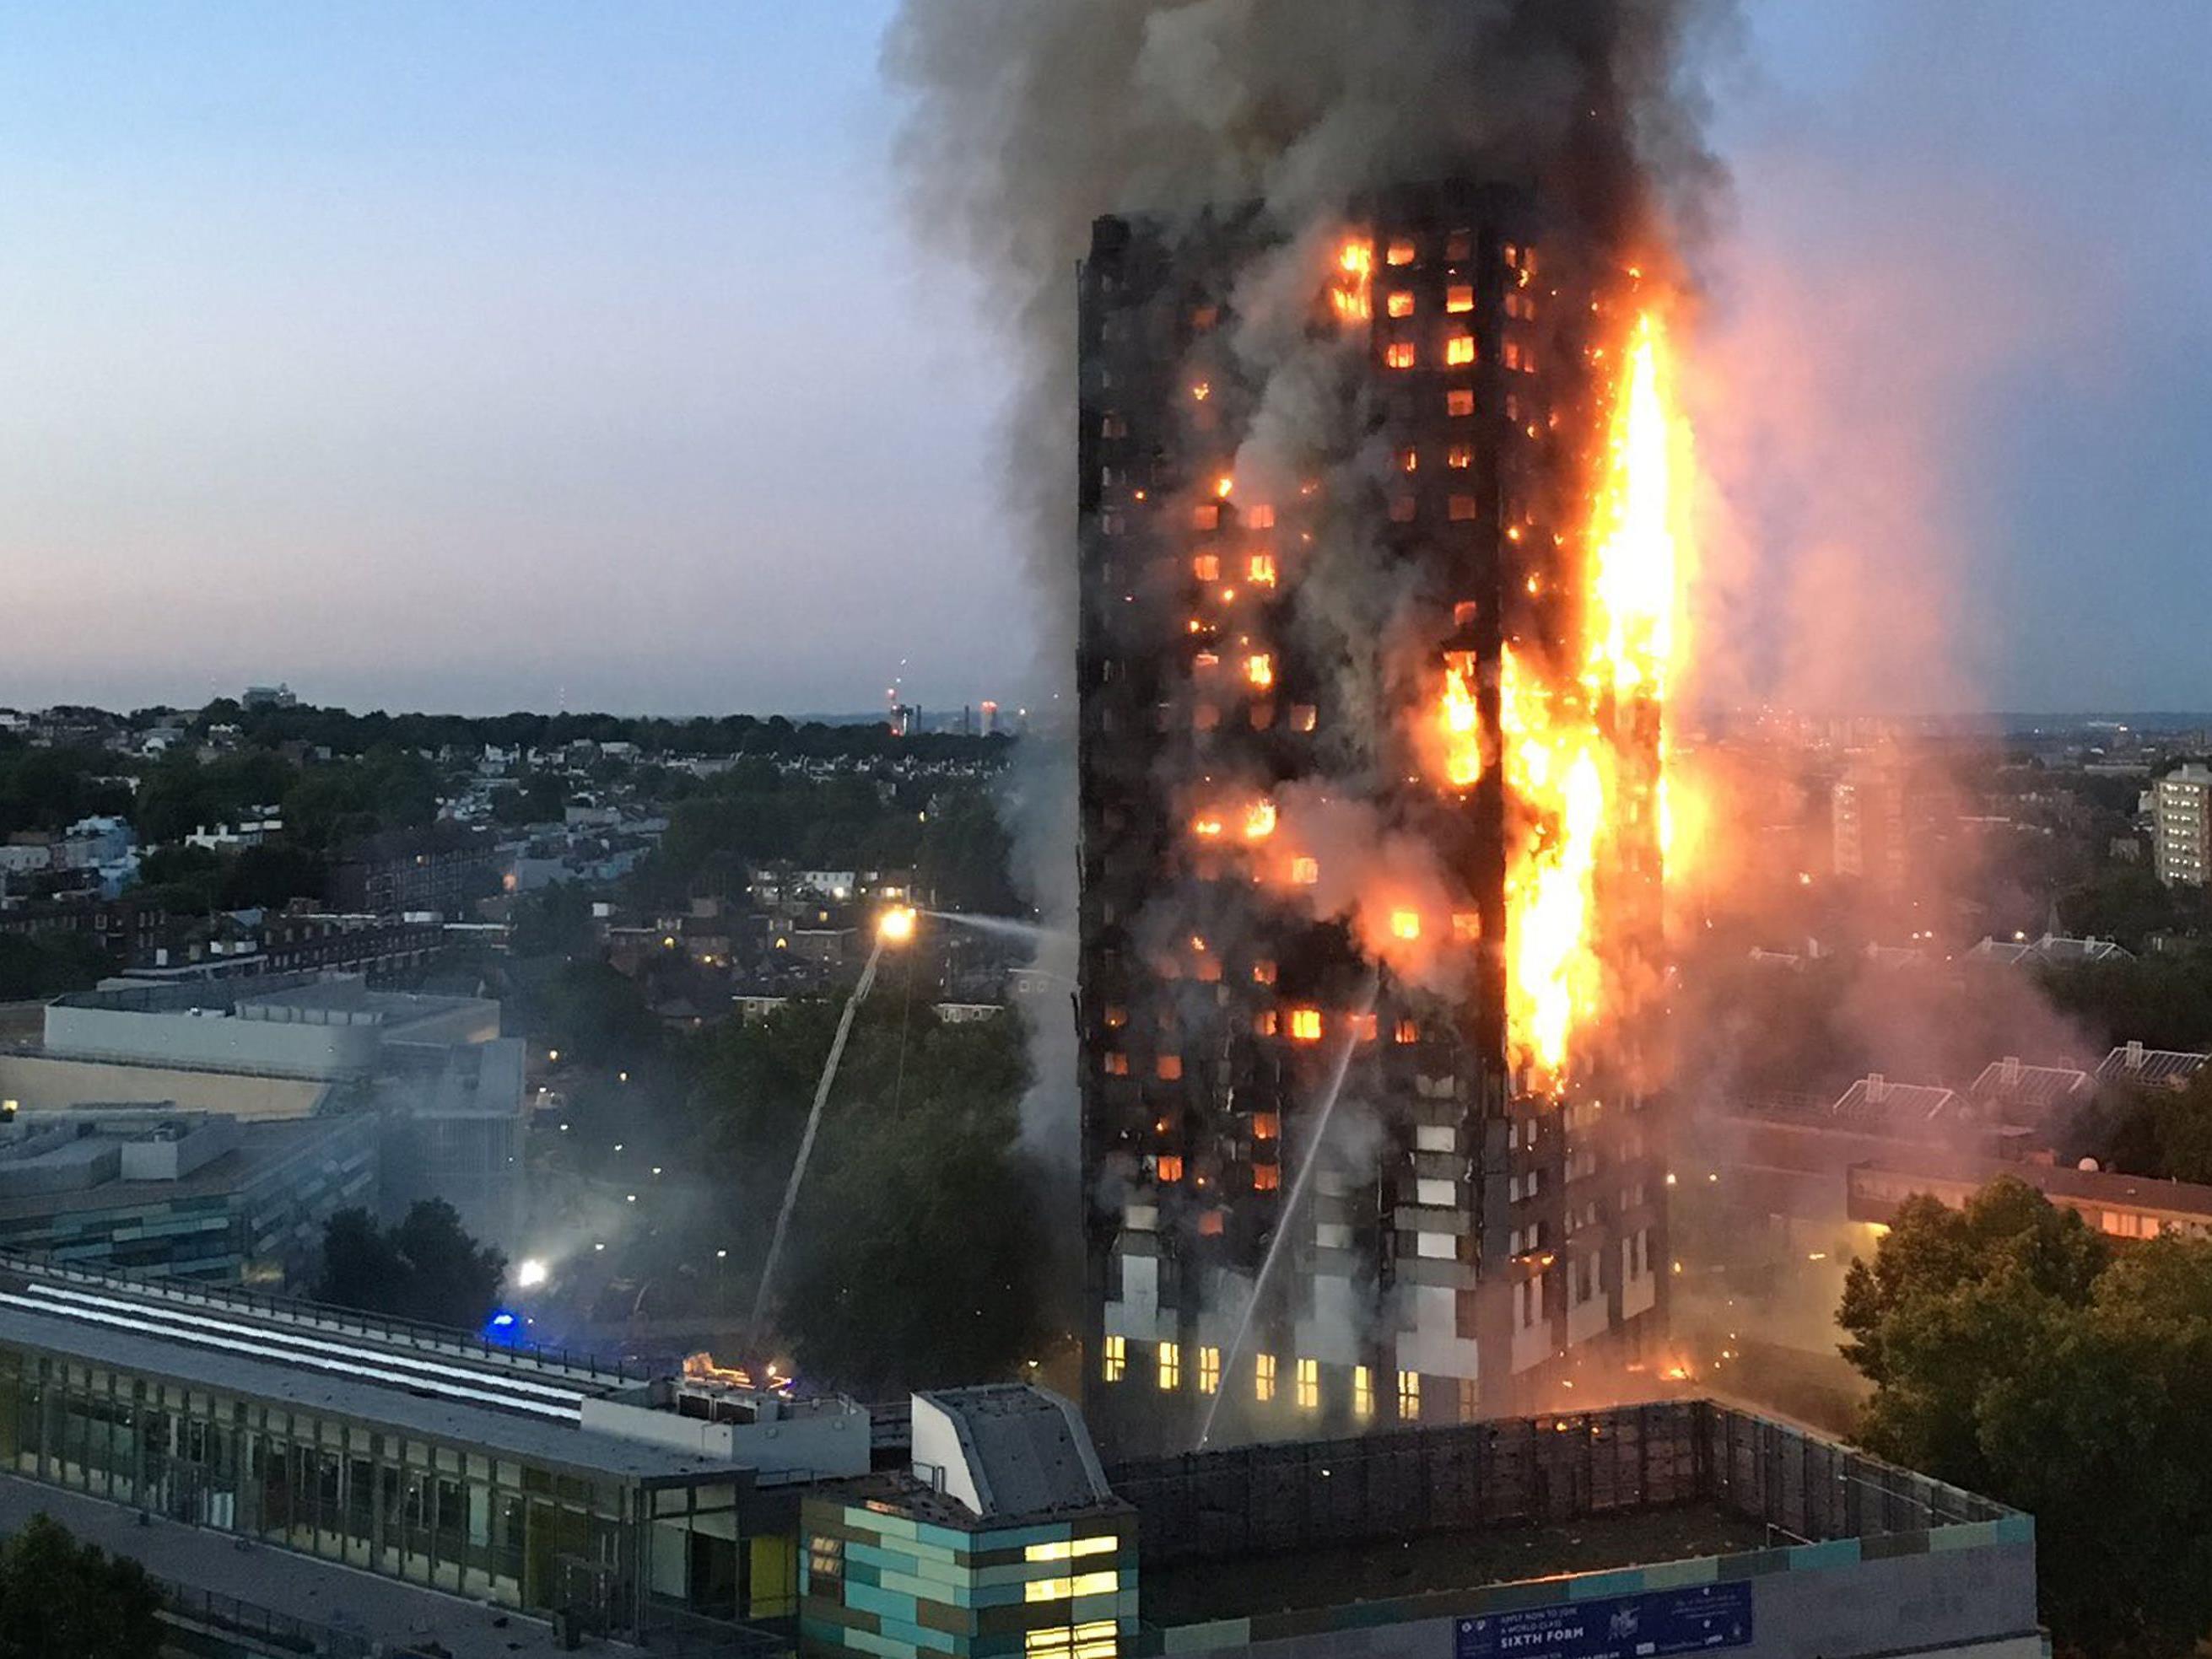 Laut Brandbekämpfungsexperten ist der Vollbrand eines Hochhauses, wie hier in London, in Österreich nicht möglich.